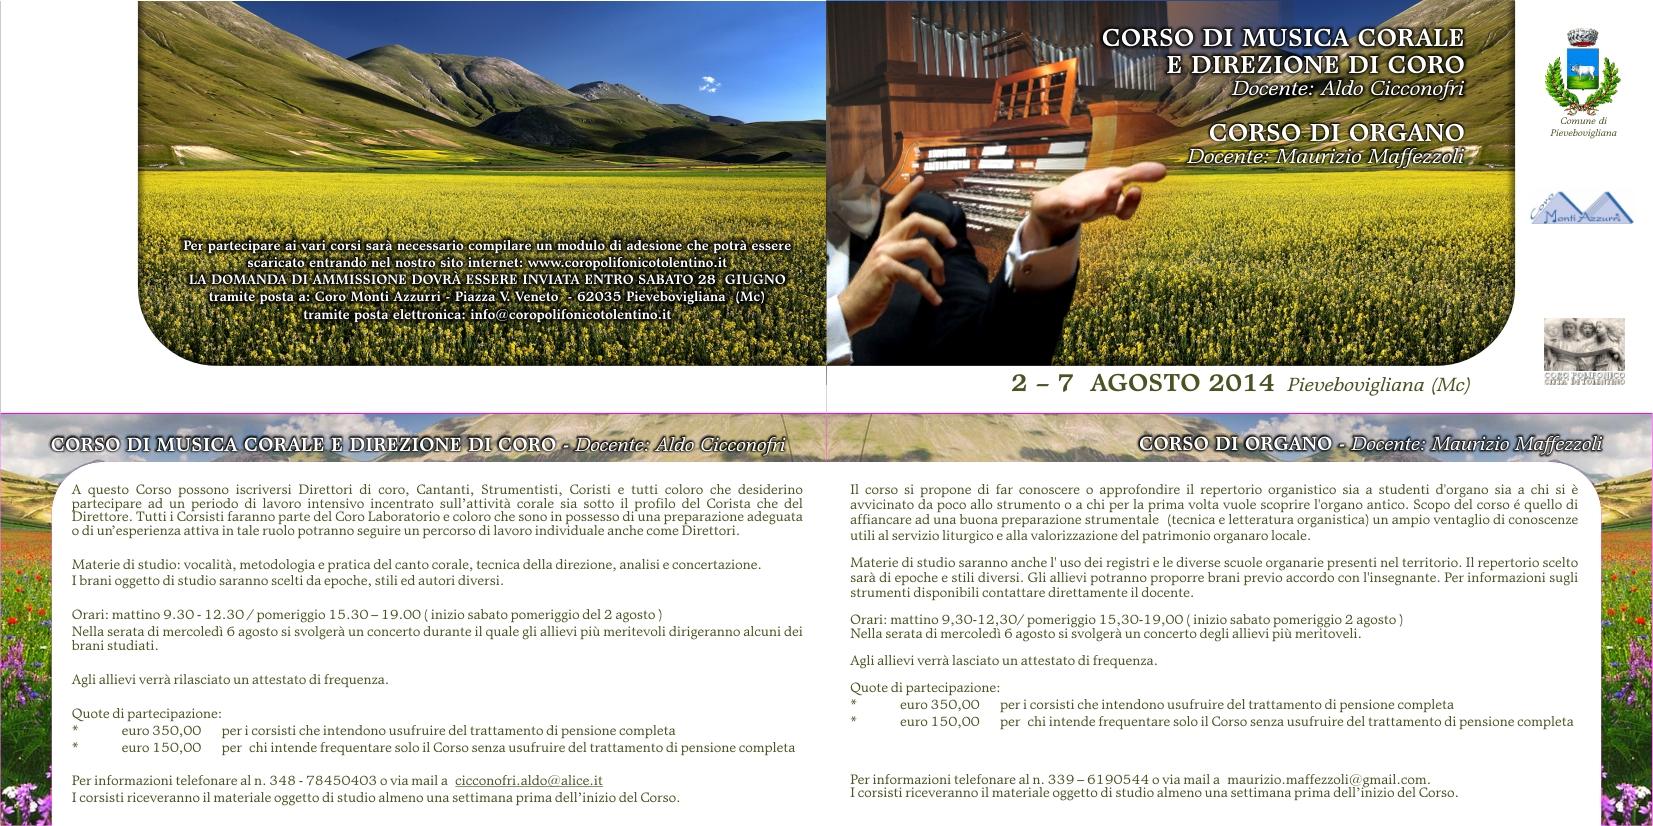 CORSO DI MUSICACORALE E DIREZIONE DI CORO 2014